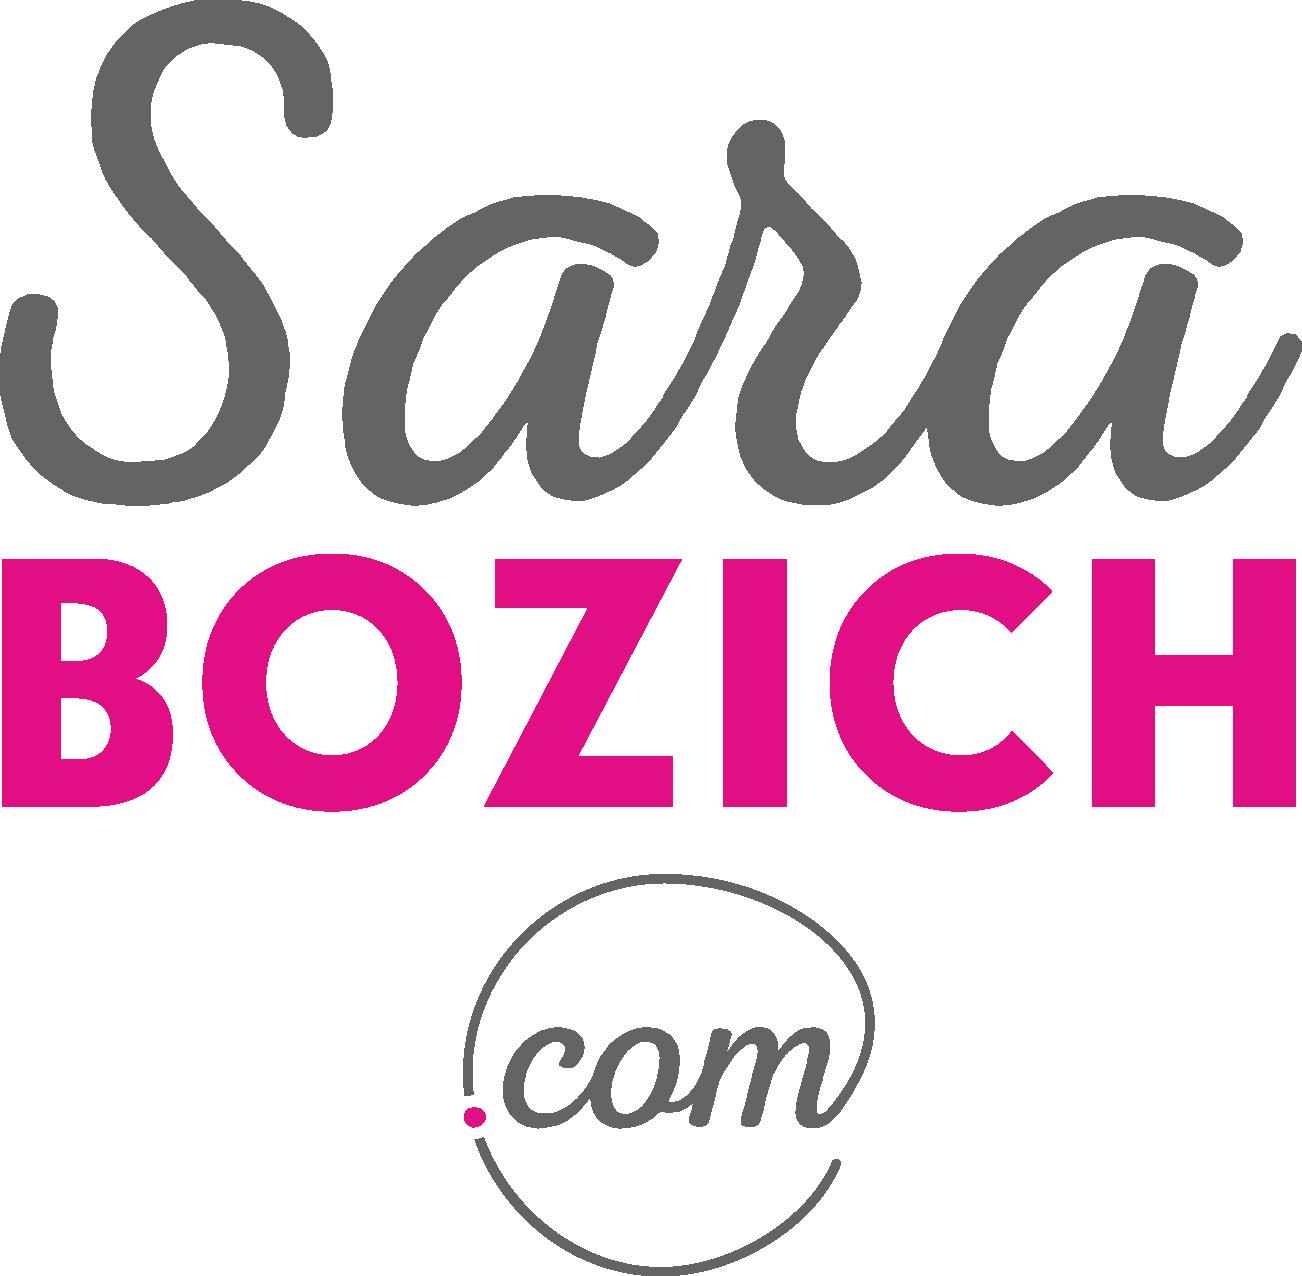 SaraBozich.com